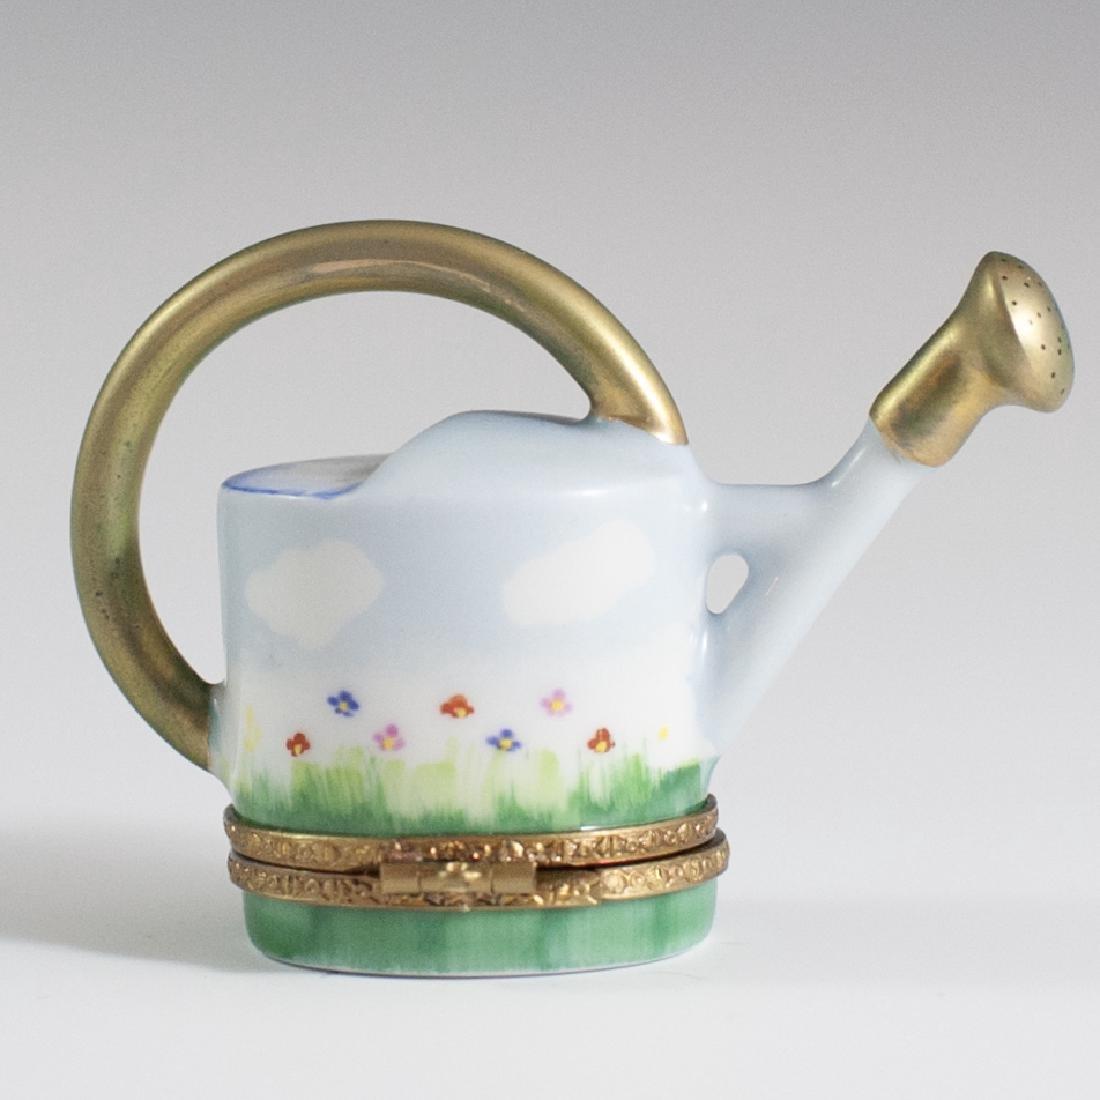 Limoges Porcelain Trinket Box - 2